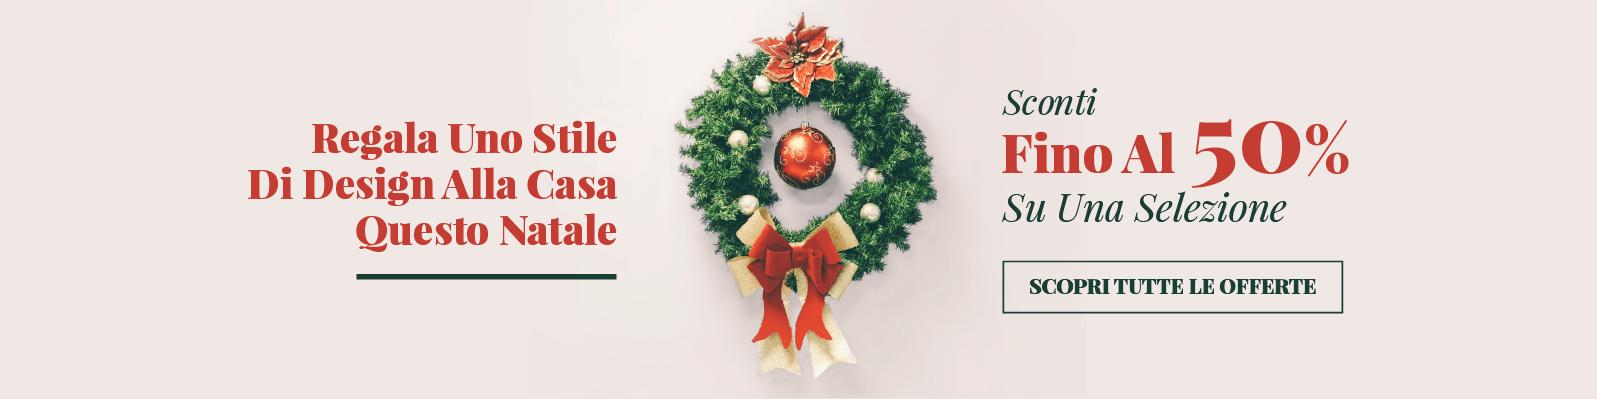 Regala Uno Stile Di Design Alla Casa Questo Natale Sconti Fino Al 50% Su Una Selezione Scopri Tutte Le Offerte